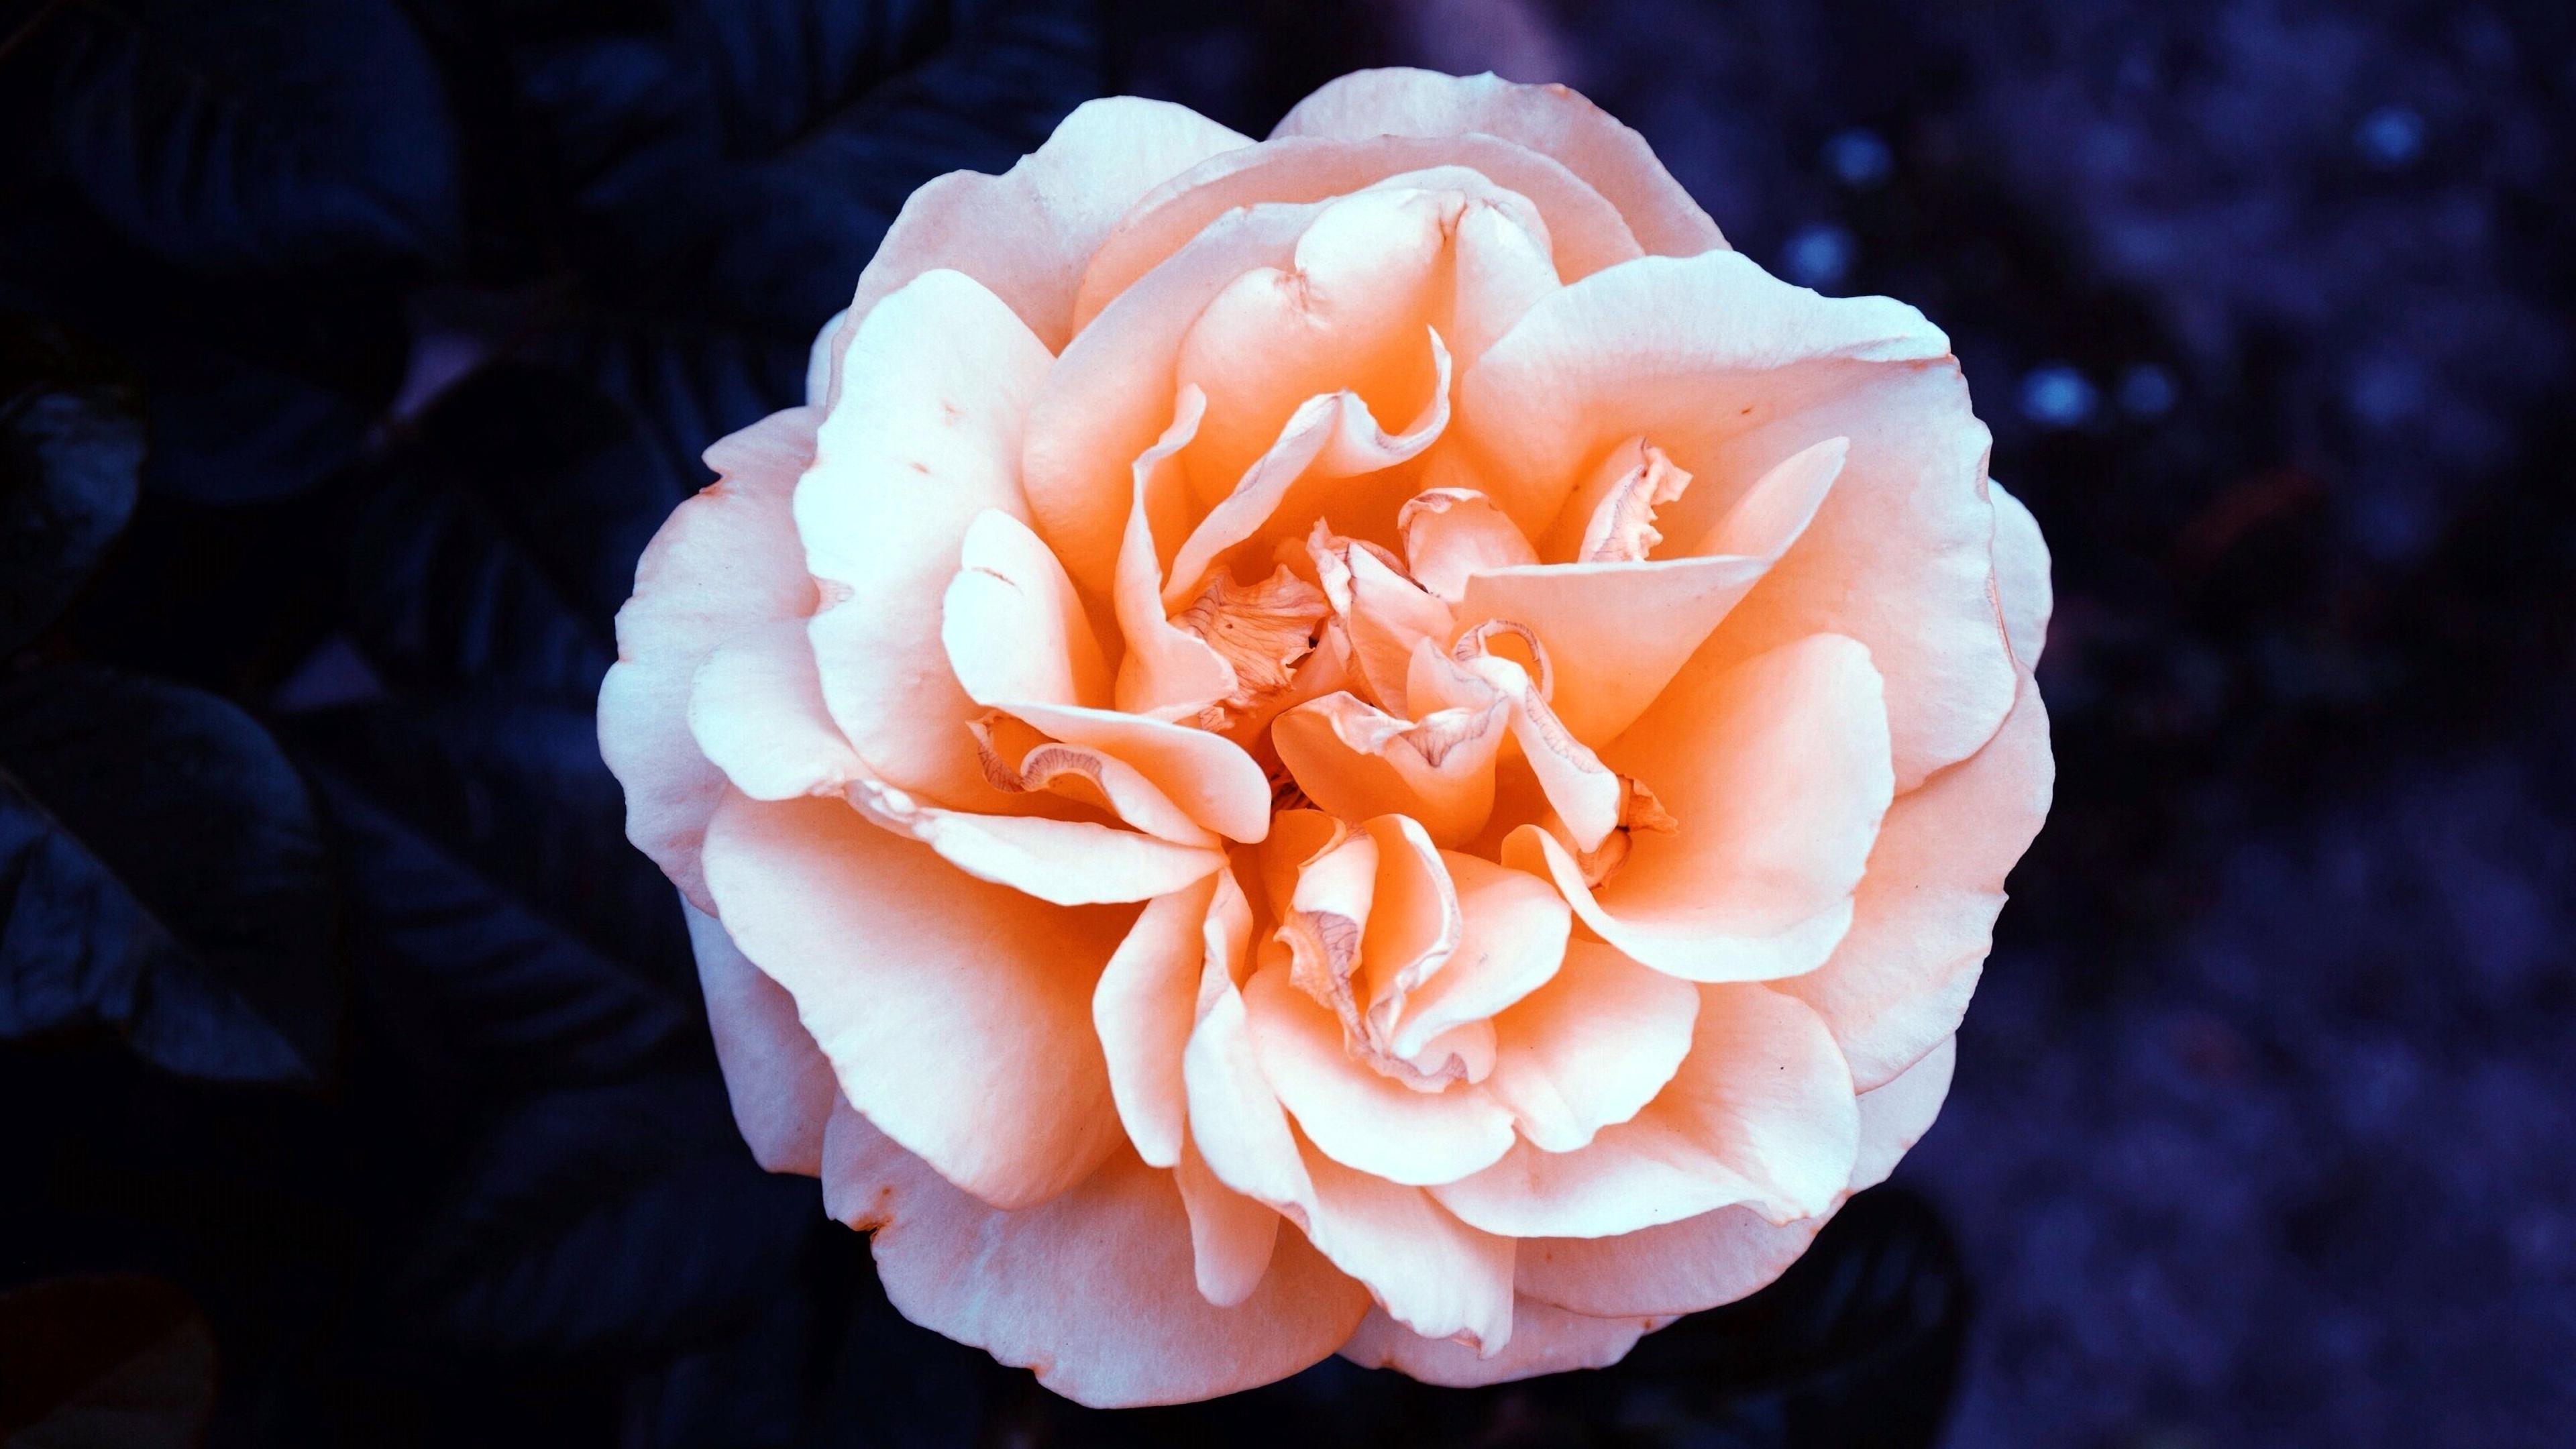 Hintergrundbilder Rosen Gemischt